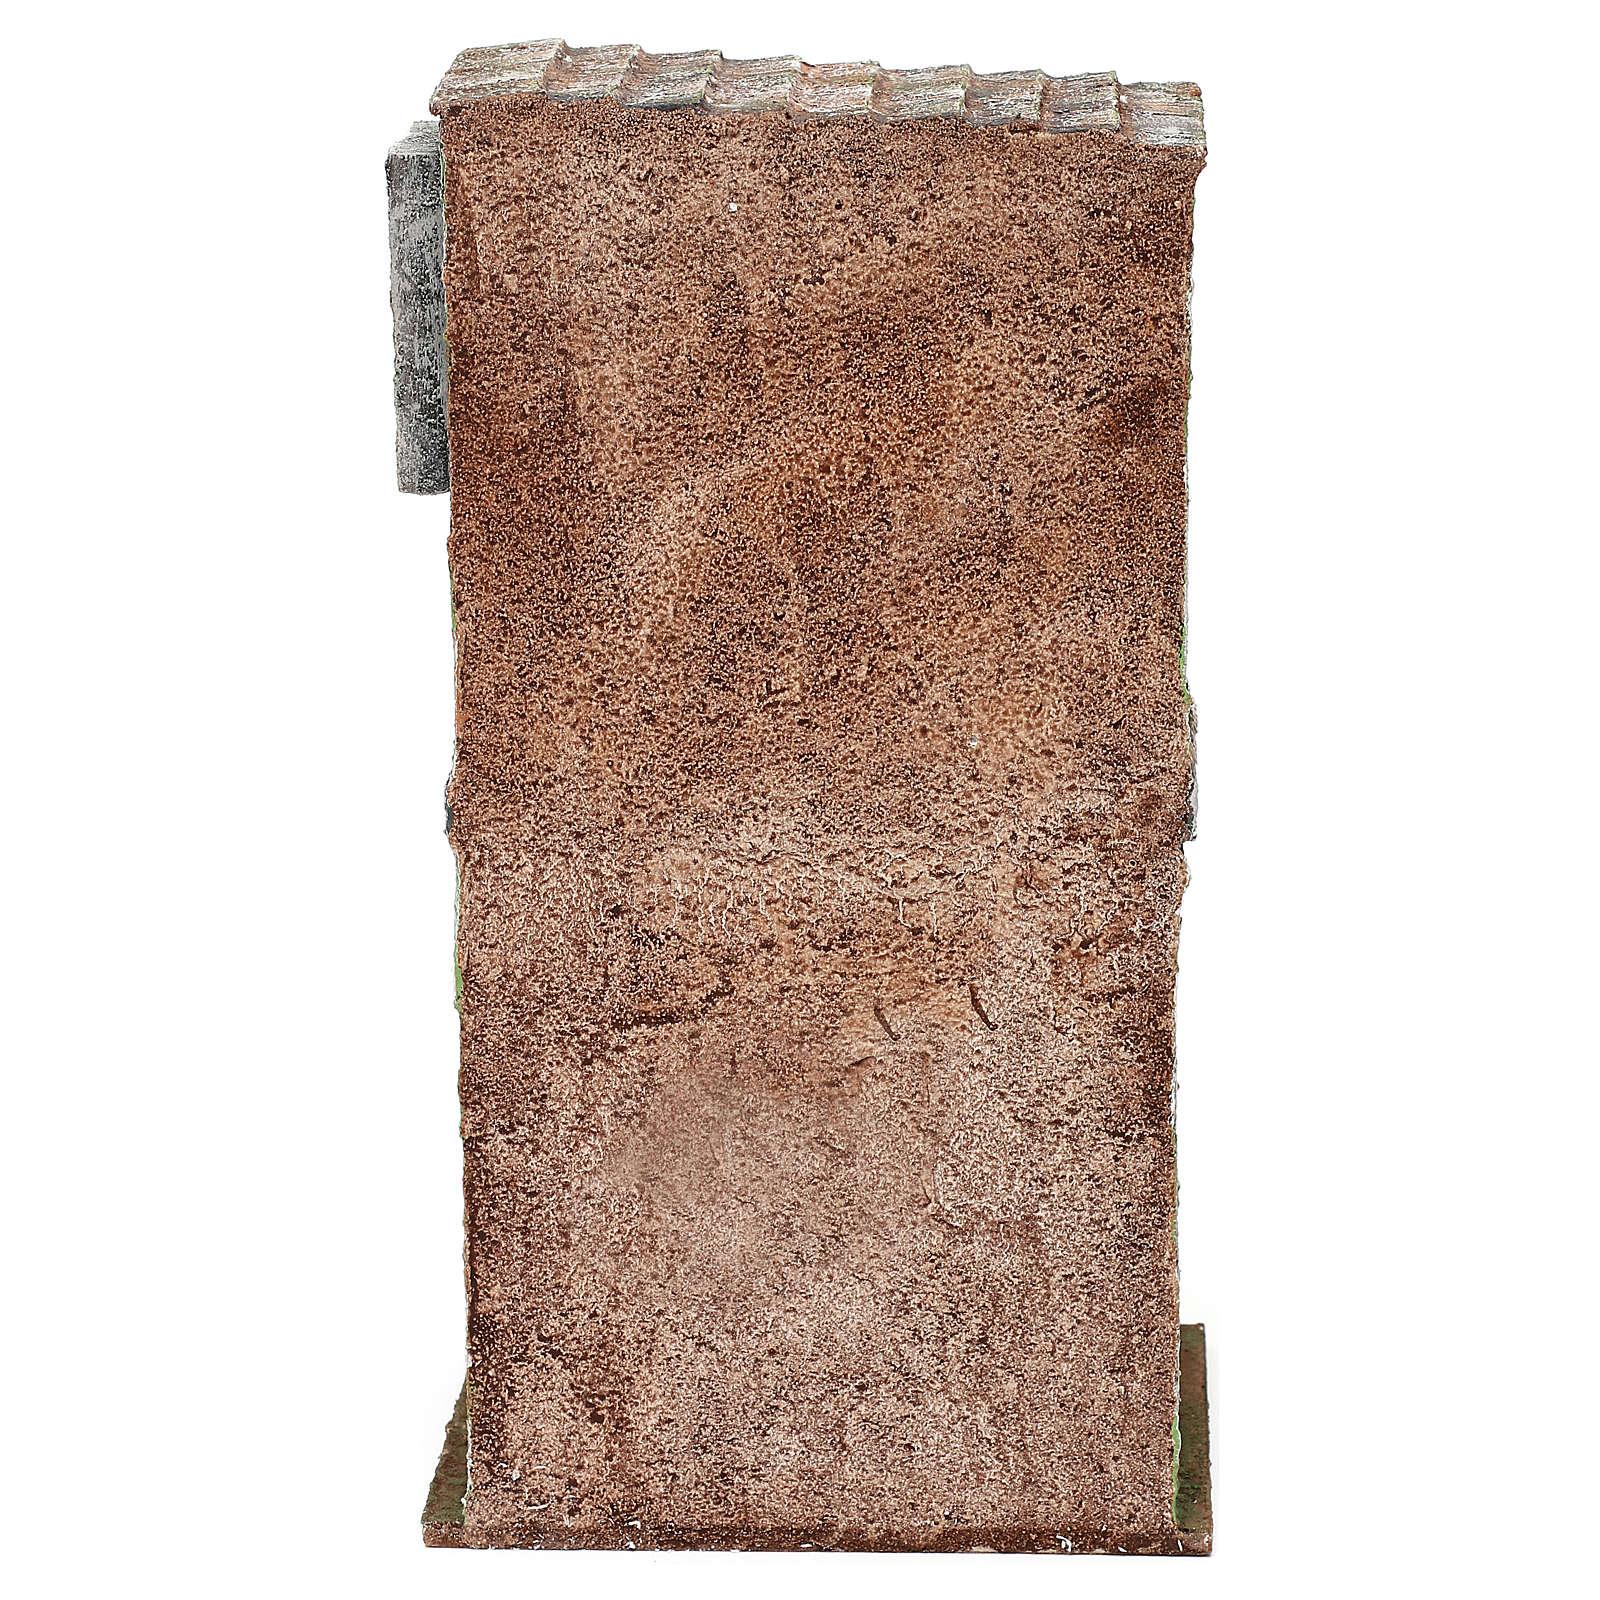 Casita mampostería con balcón y establo 25x15x10 cm belenes 10 cm 4